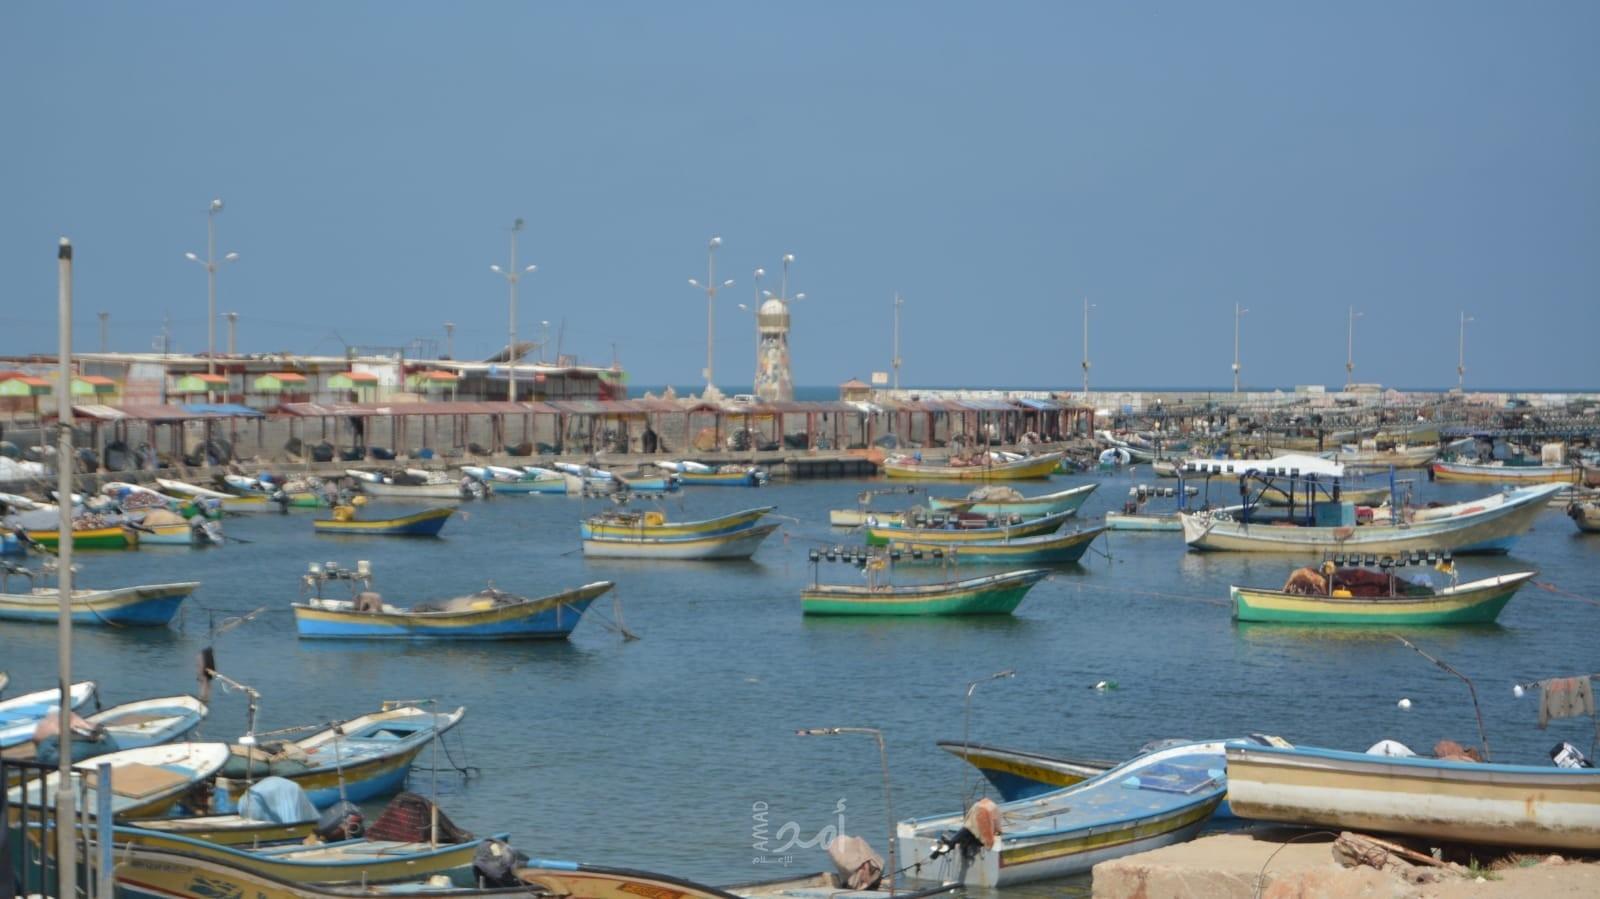 حكومة الاحتلال تقرر توسيع مساحة الصيد..وادخال بضائع الى غزة